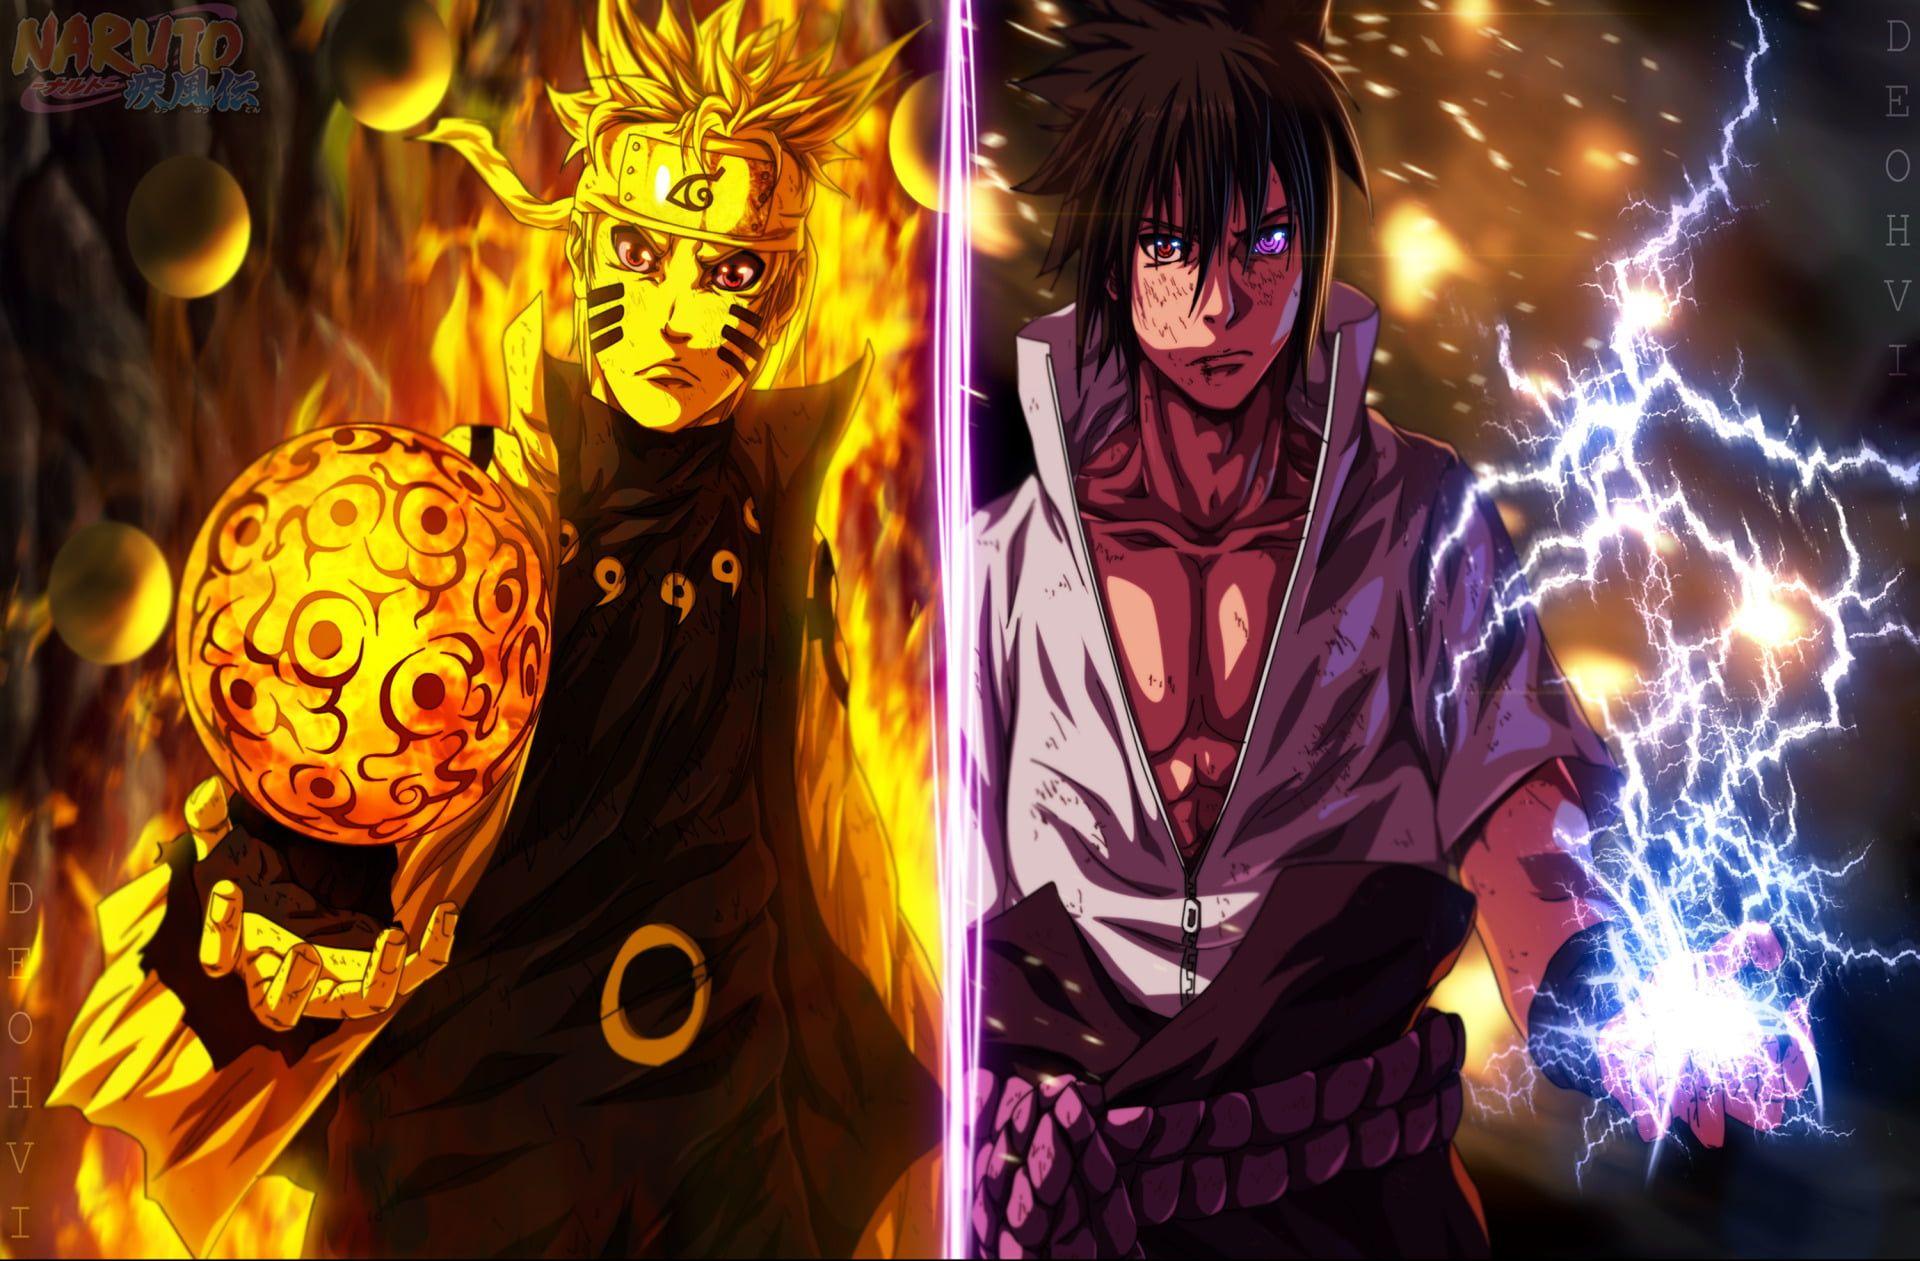 Naruto And Saske Illustration Anime Naruto Naruto Uzumaki Sasuke Uchiha 1080p Wallpaper Hdw Naruto And Sasuke Wallpaper Naruto Wallpaper Naruto And Sasuke